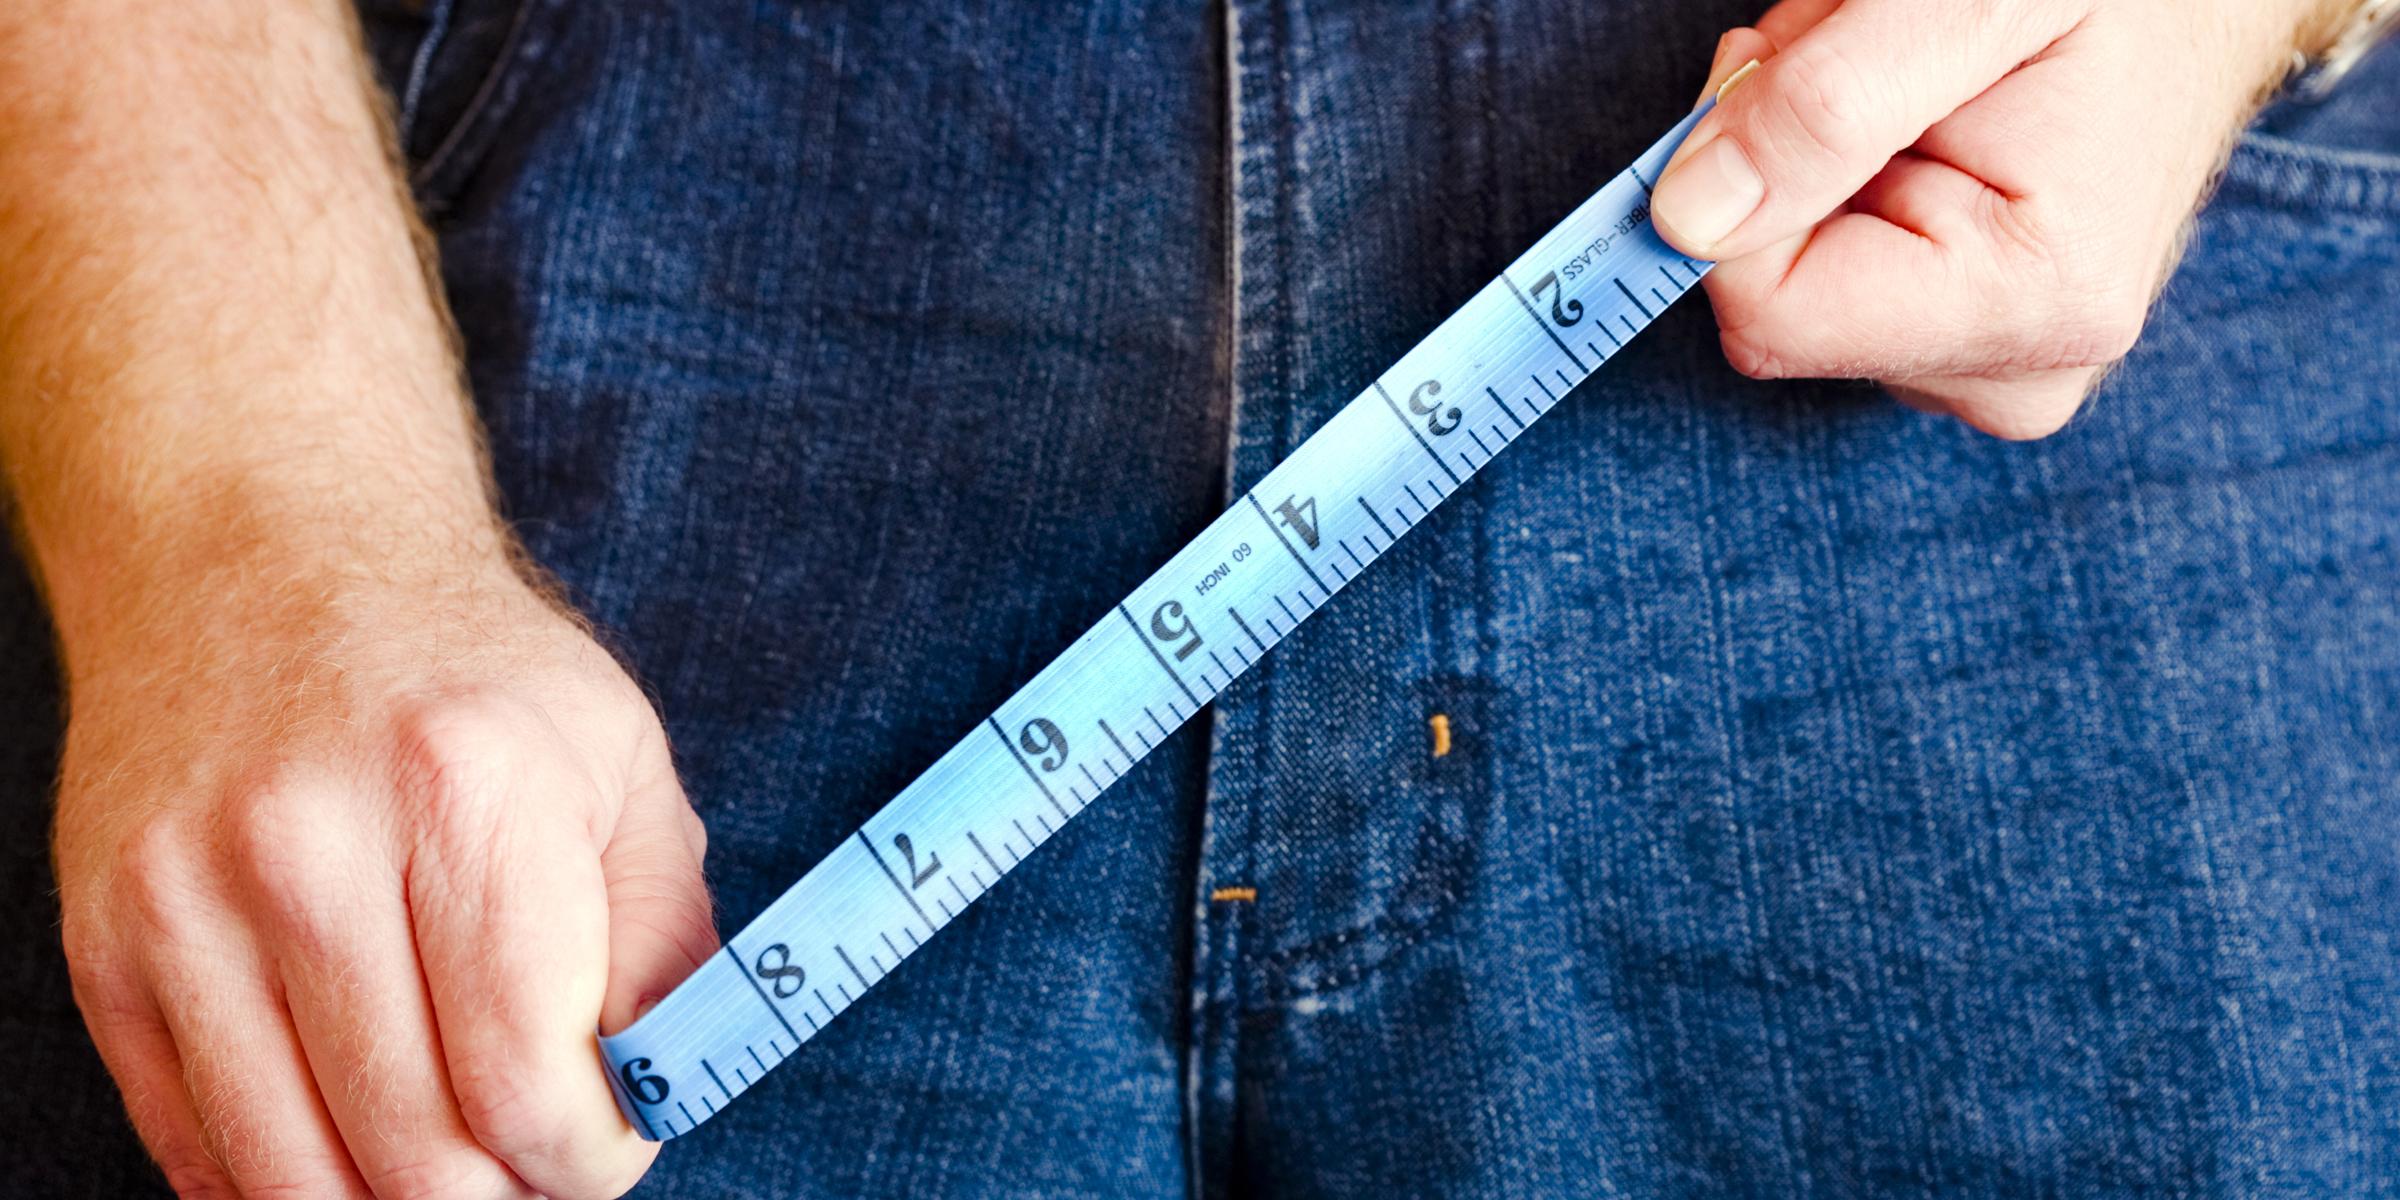 Új adat az elernyedt pénisz átlagos hosszáról